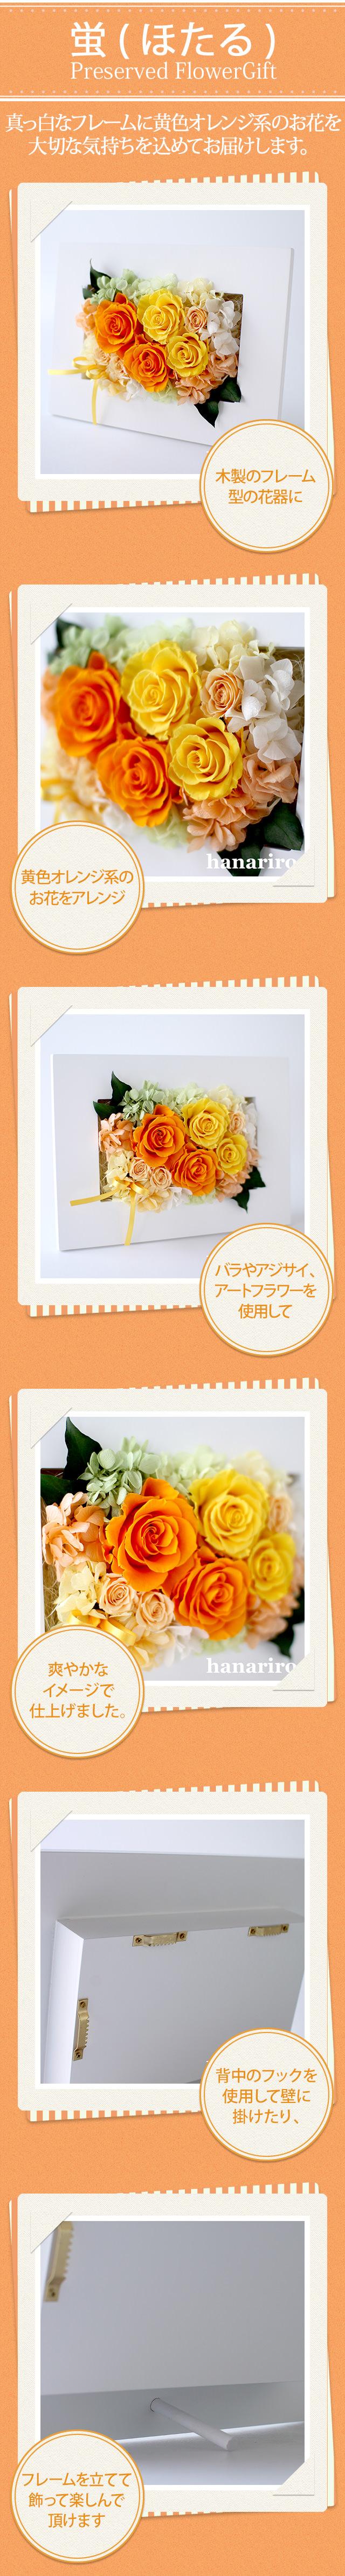 アレンジ「ほたる(蛍)」/プリザーブドフラワーギフト